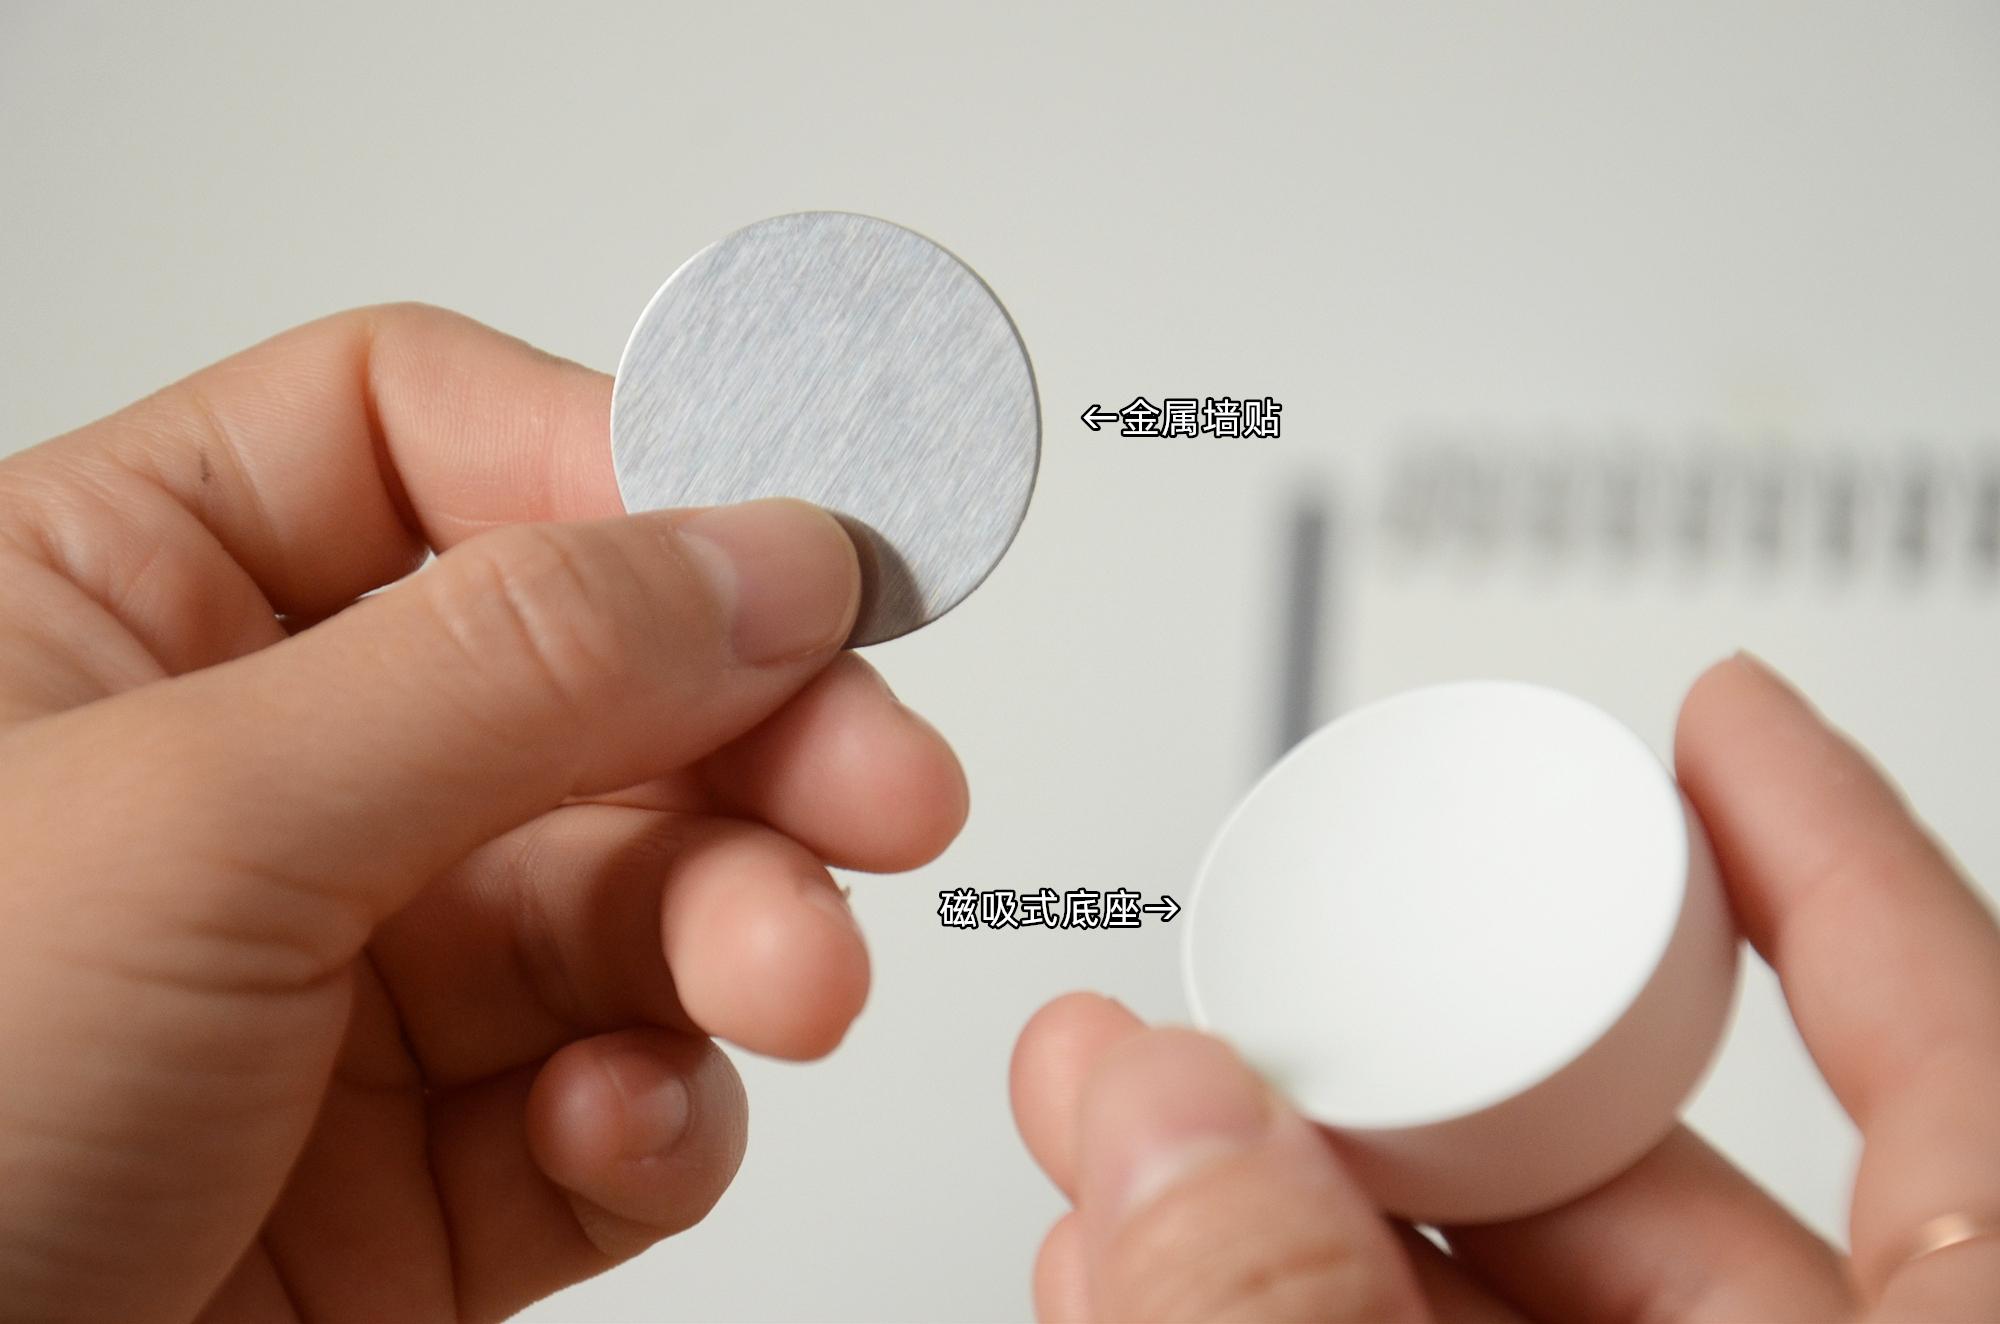 99元!小米智能摄像机评测:IP65级防尘防水设计